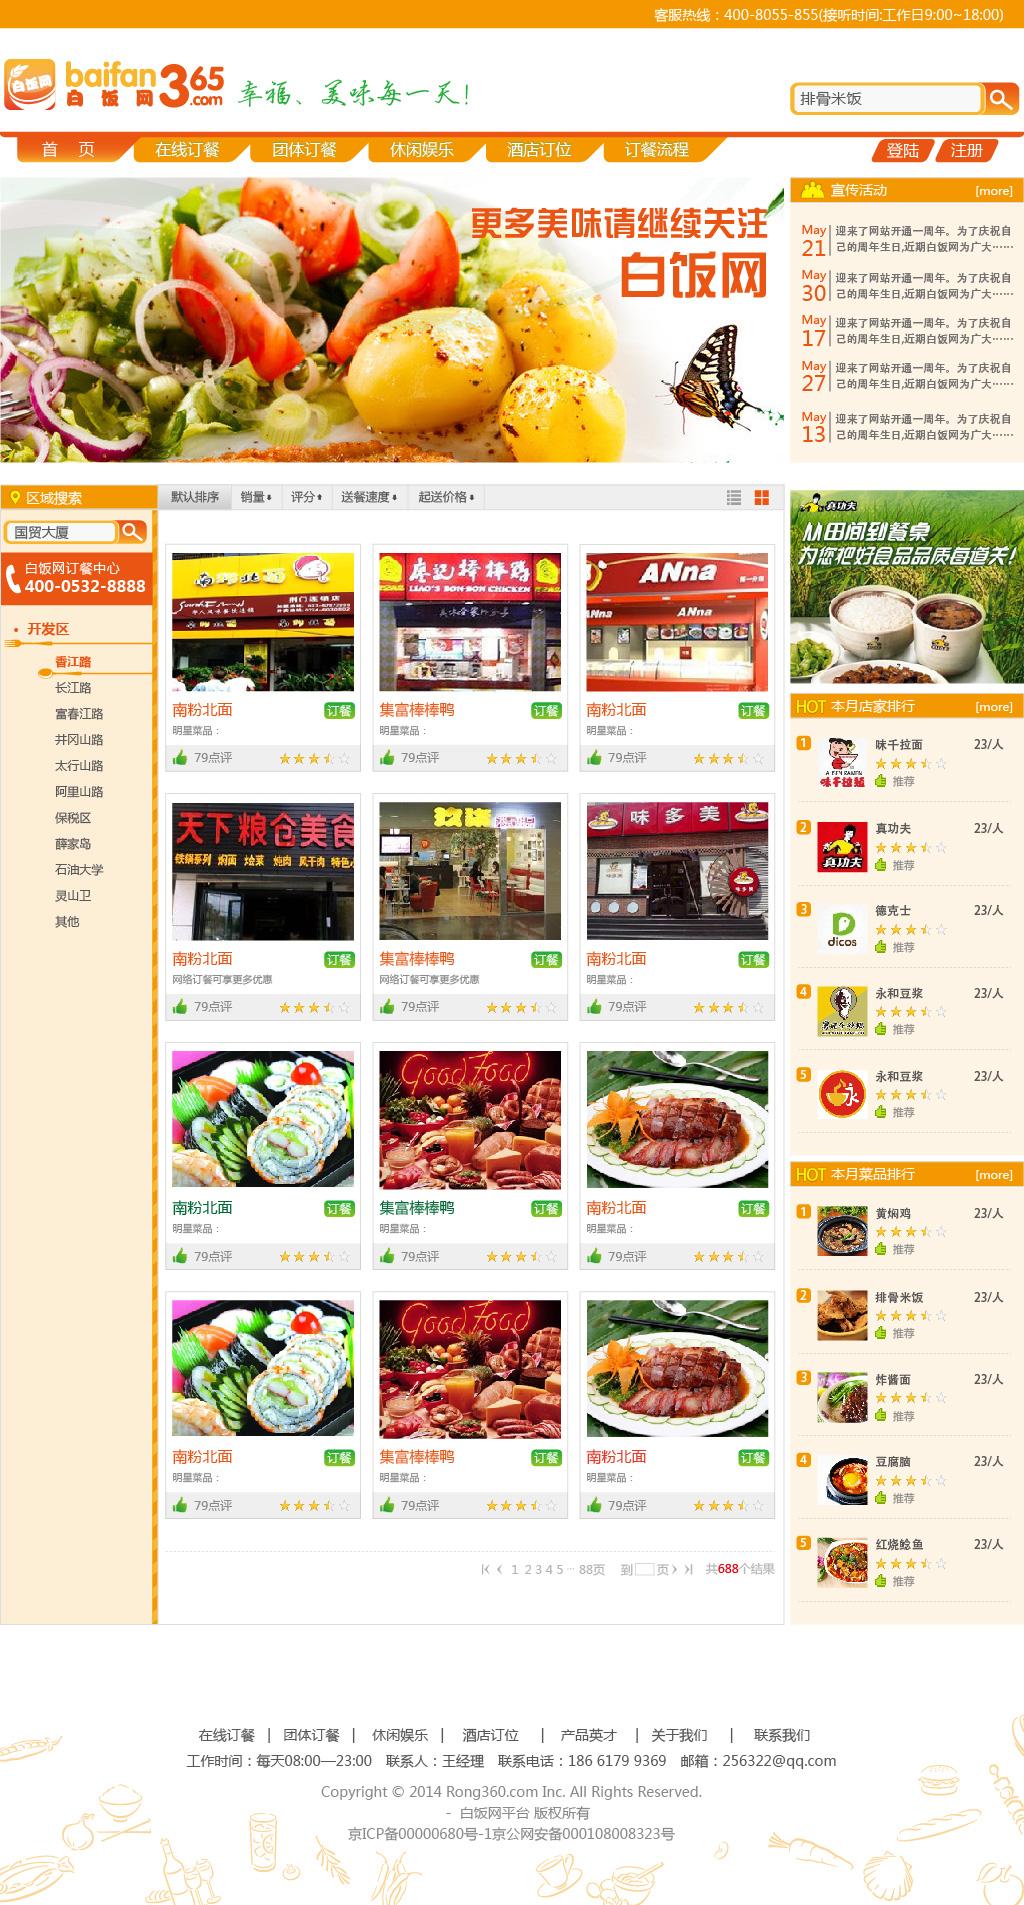 白饭网网页界面设计